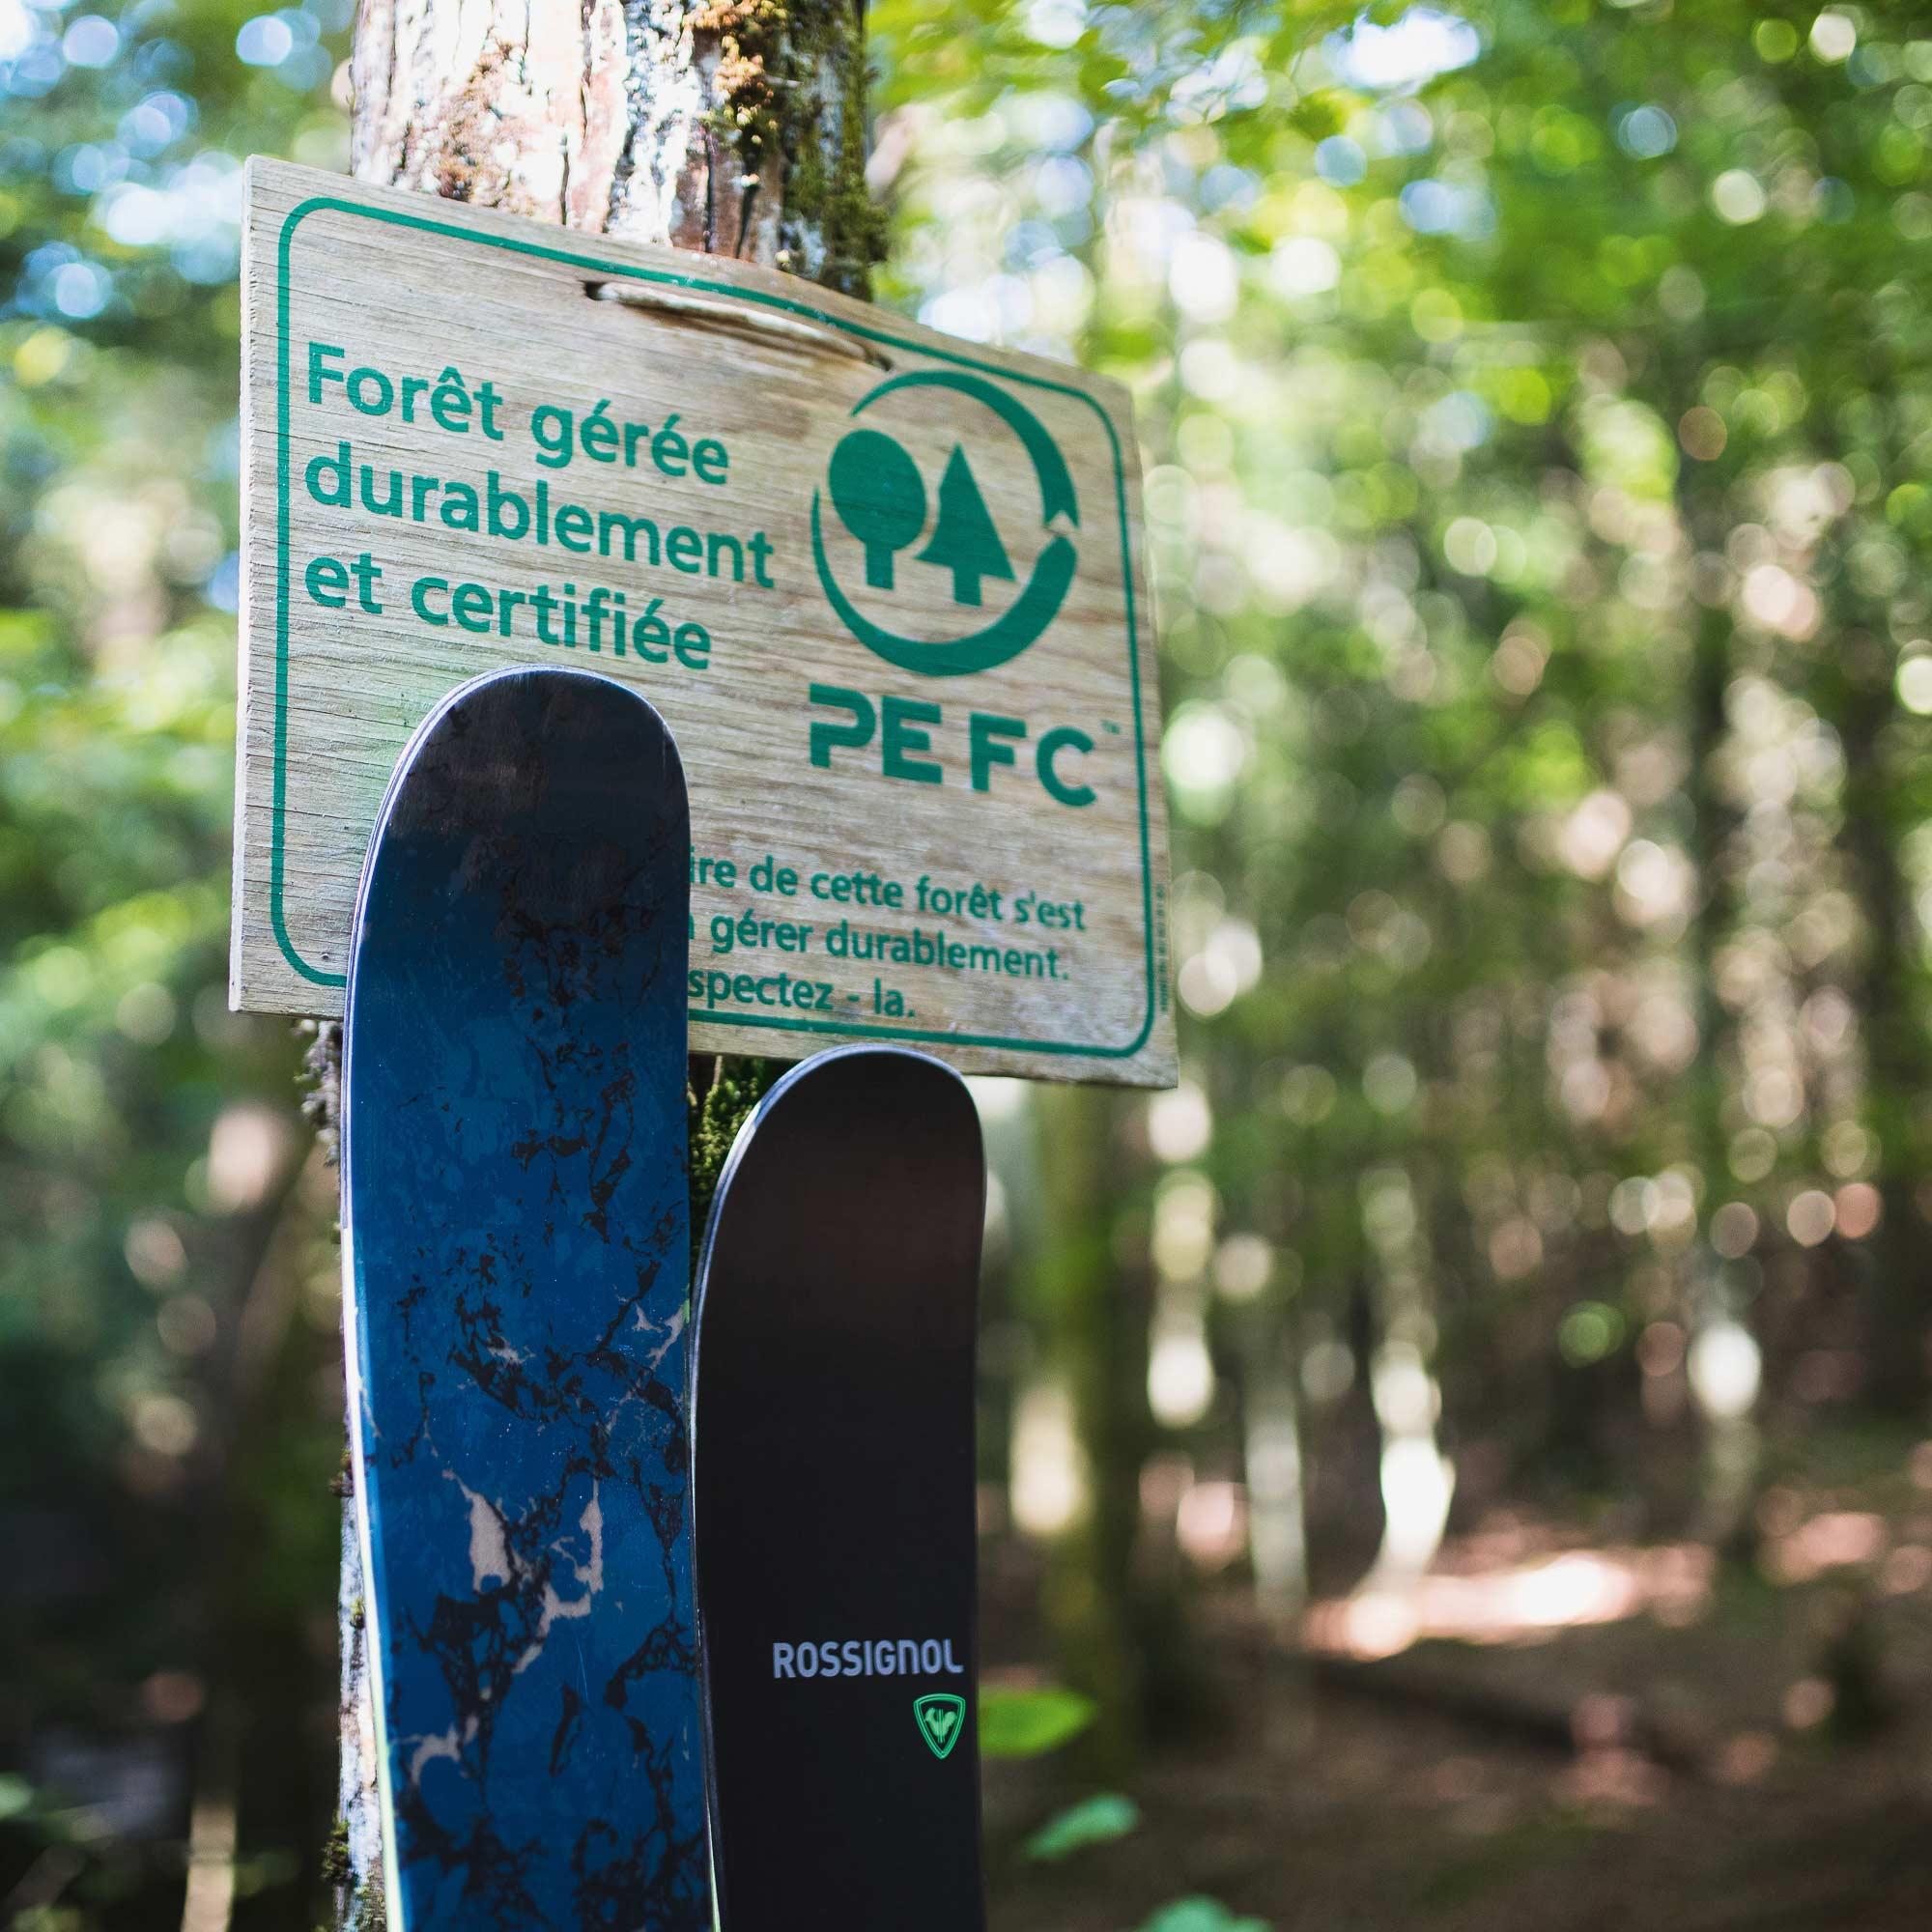 PEFC-zertifizierte Pappelholzkerne und FSC-zertifizierte Paulownia-Holzkerne in Kombination mit recycelten Topsheet-, Belag- und Kantenmaterialien tragen dazu bei, die Umweltauswirkungen während des gesamten Produktlebenszyklus zu reduzieren.